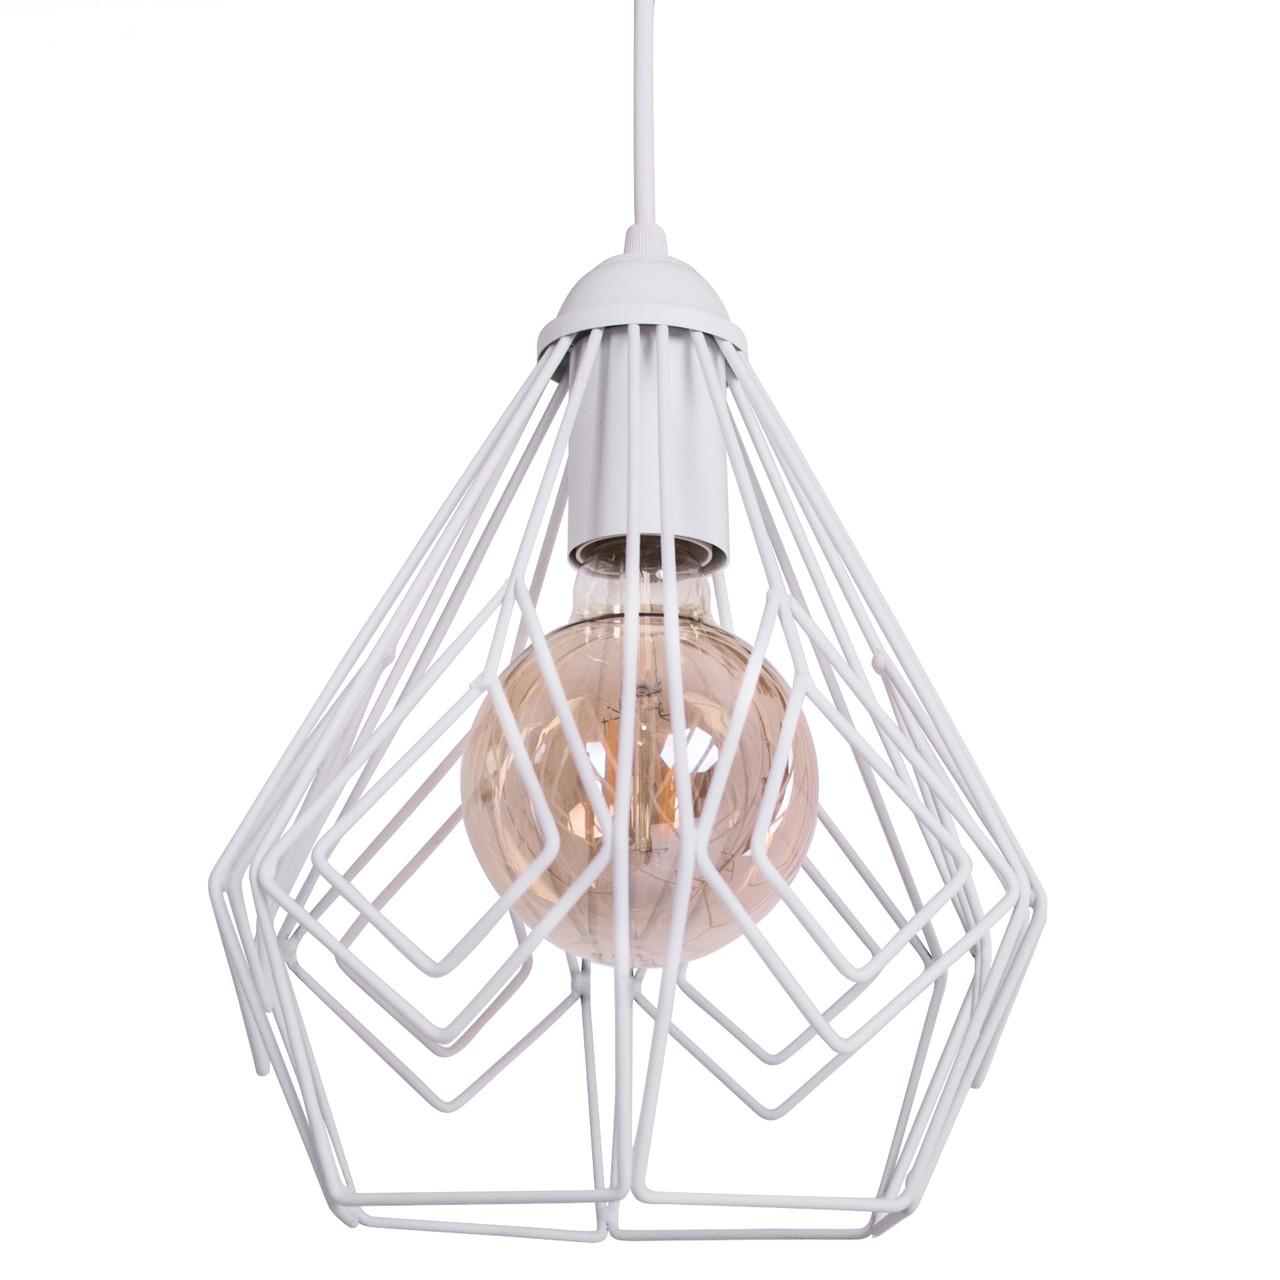 Потолочный подвесной светильник Atma Light серии Bevel-L P220 White